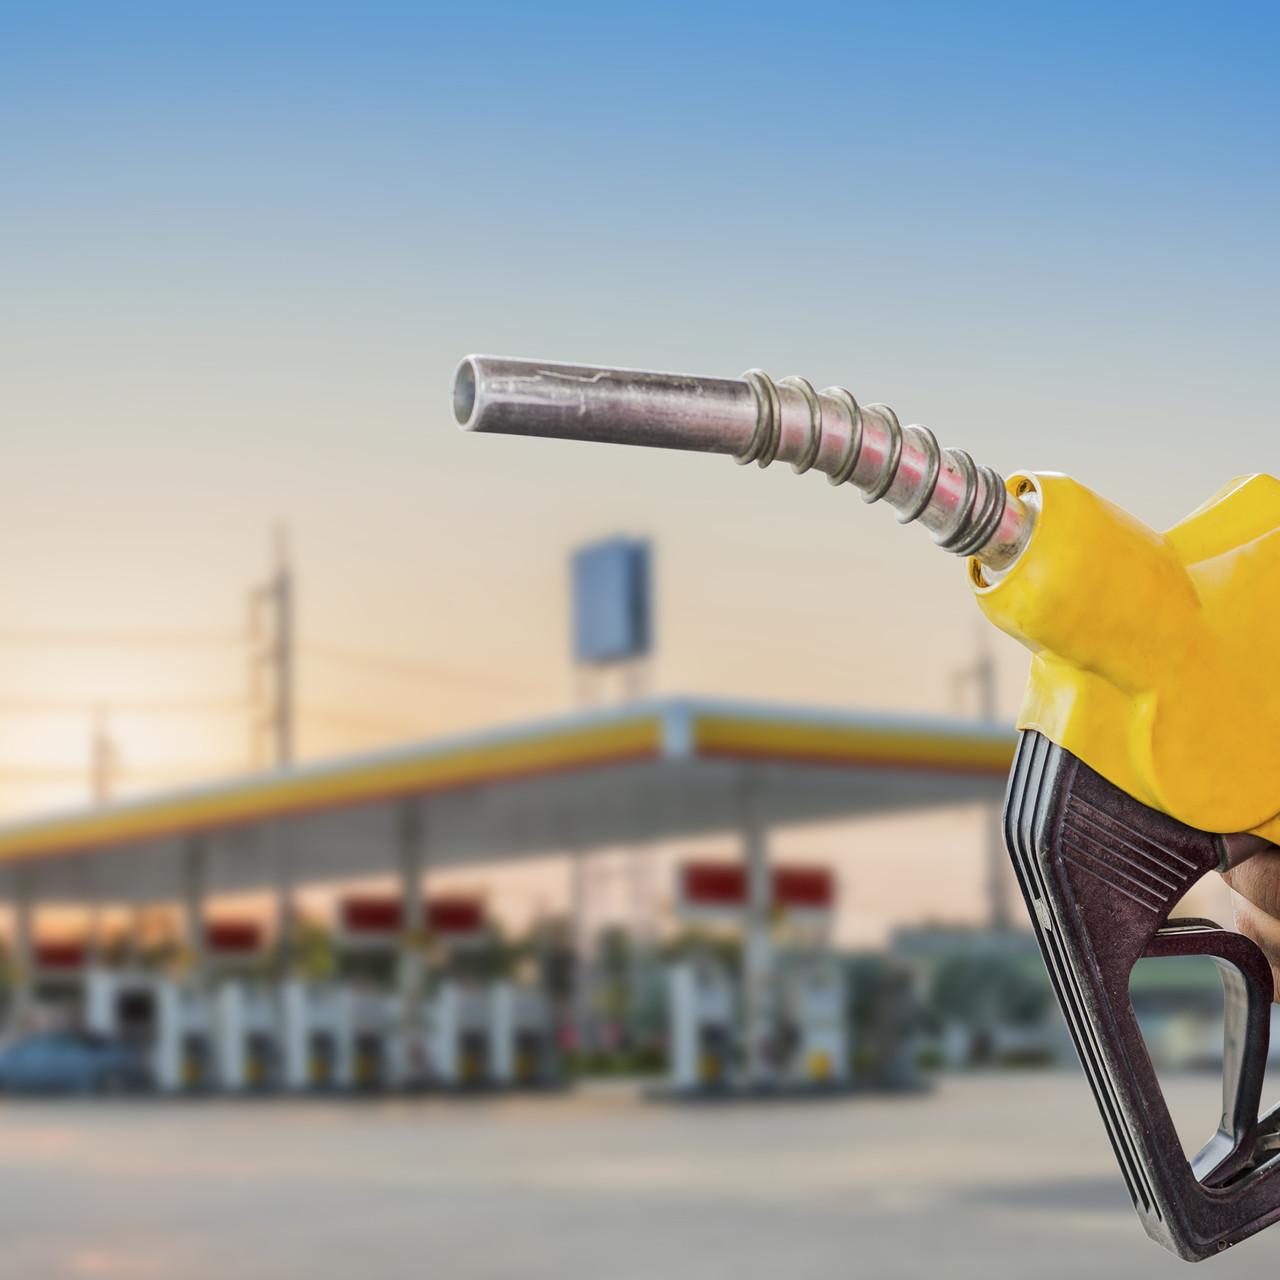 엔진 청정성 및 연비 증가